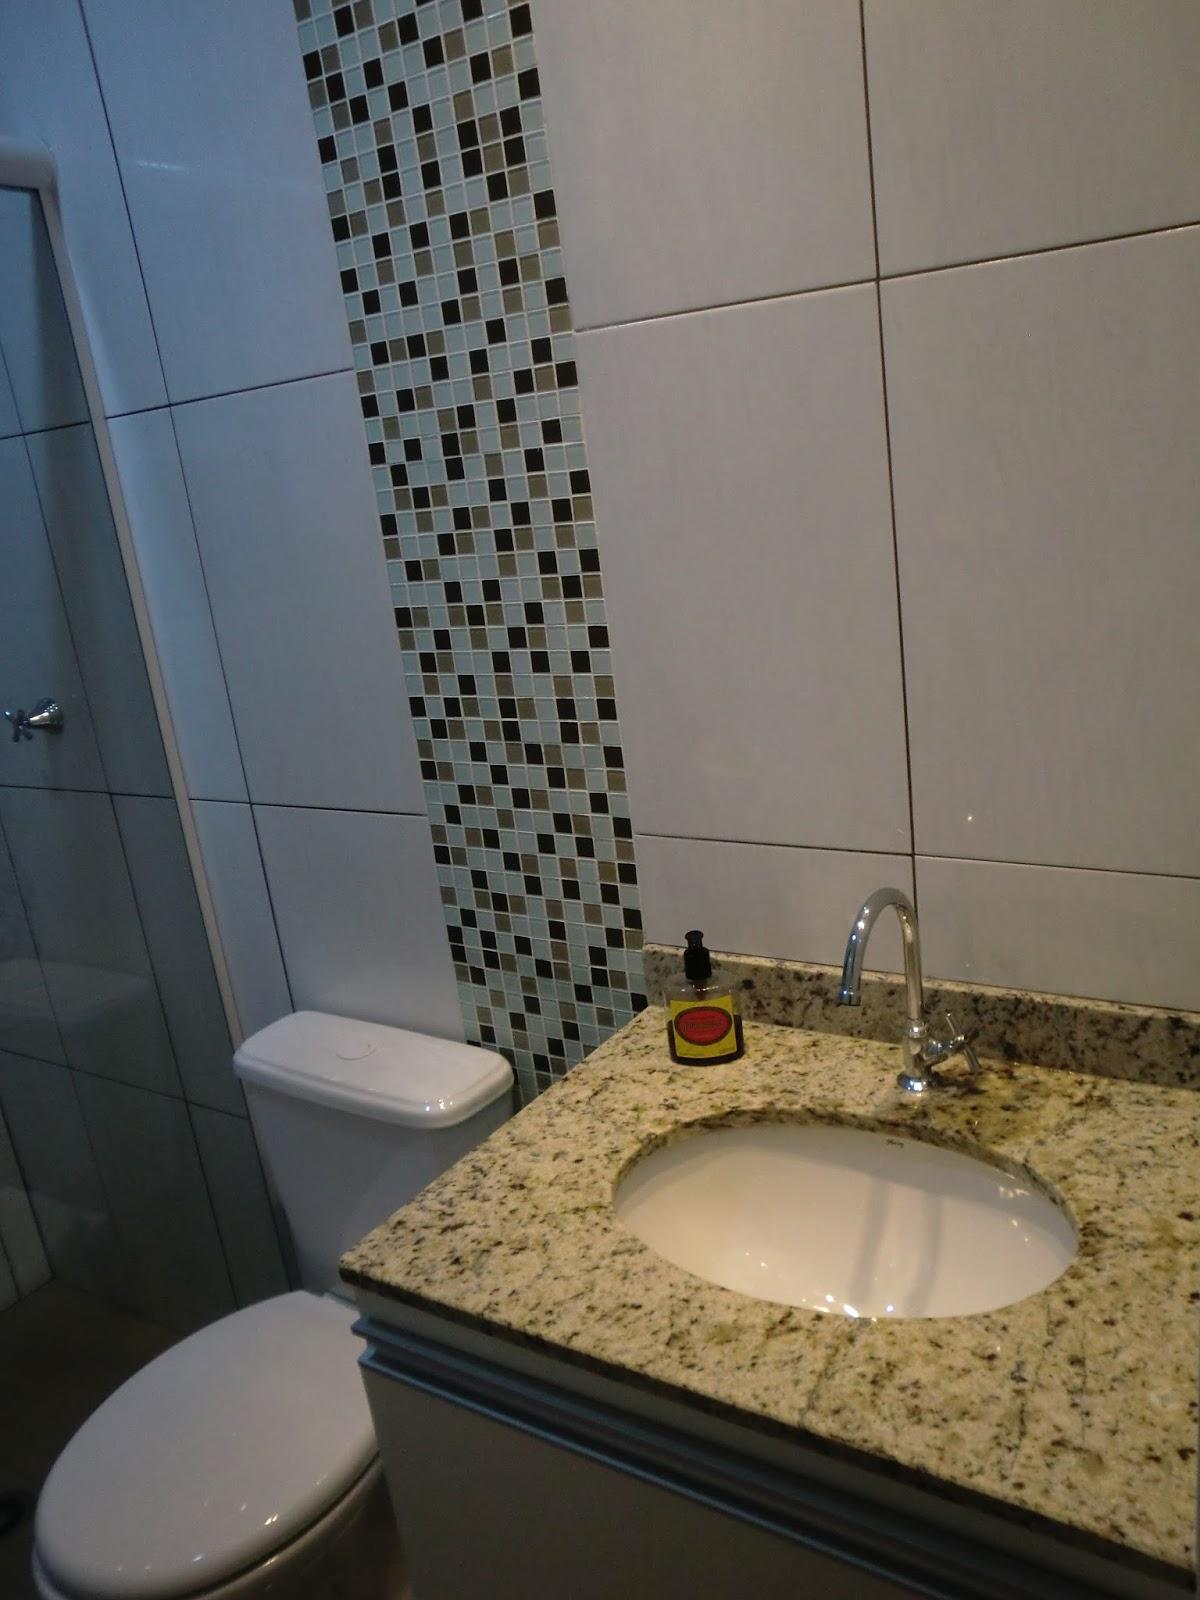 Gostoso ver casa nova nao? Nossos amigos estao muito felizes e ja se  #896B42 1200x1600 Banheiro Bege Com Vaso Preto